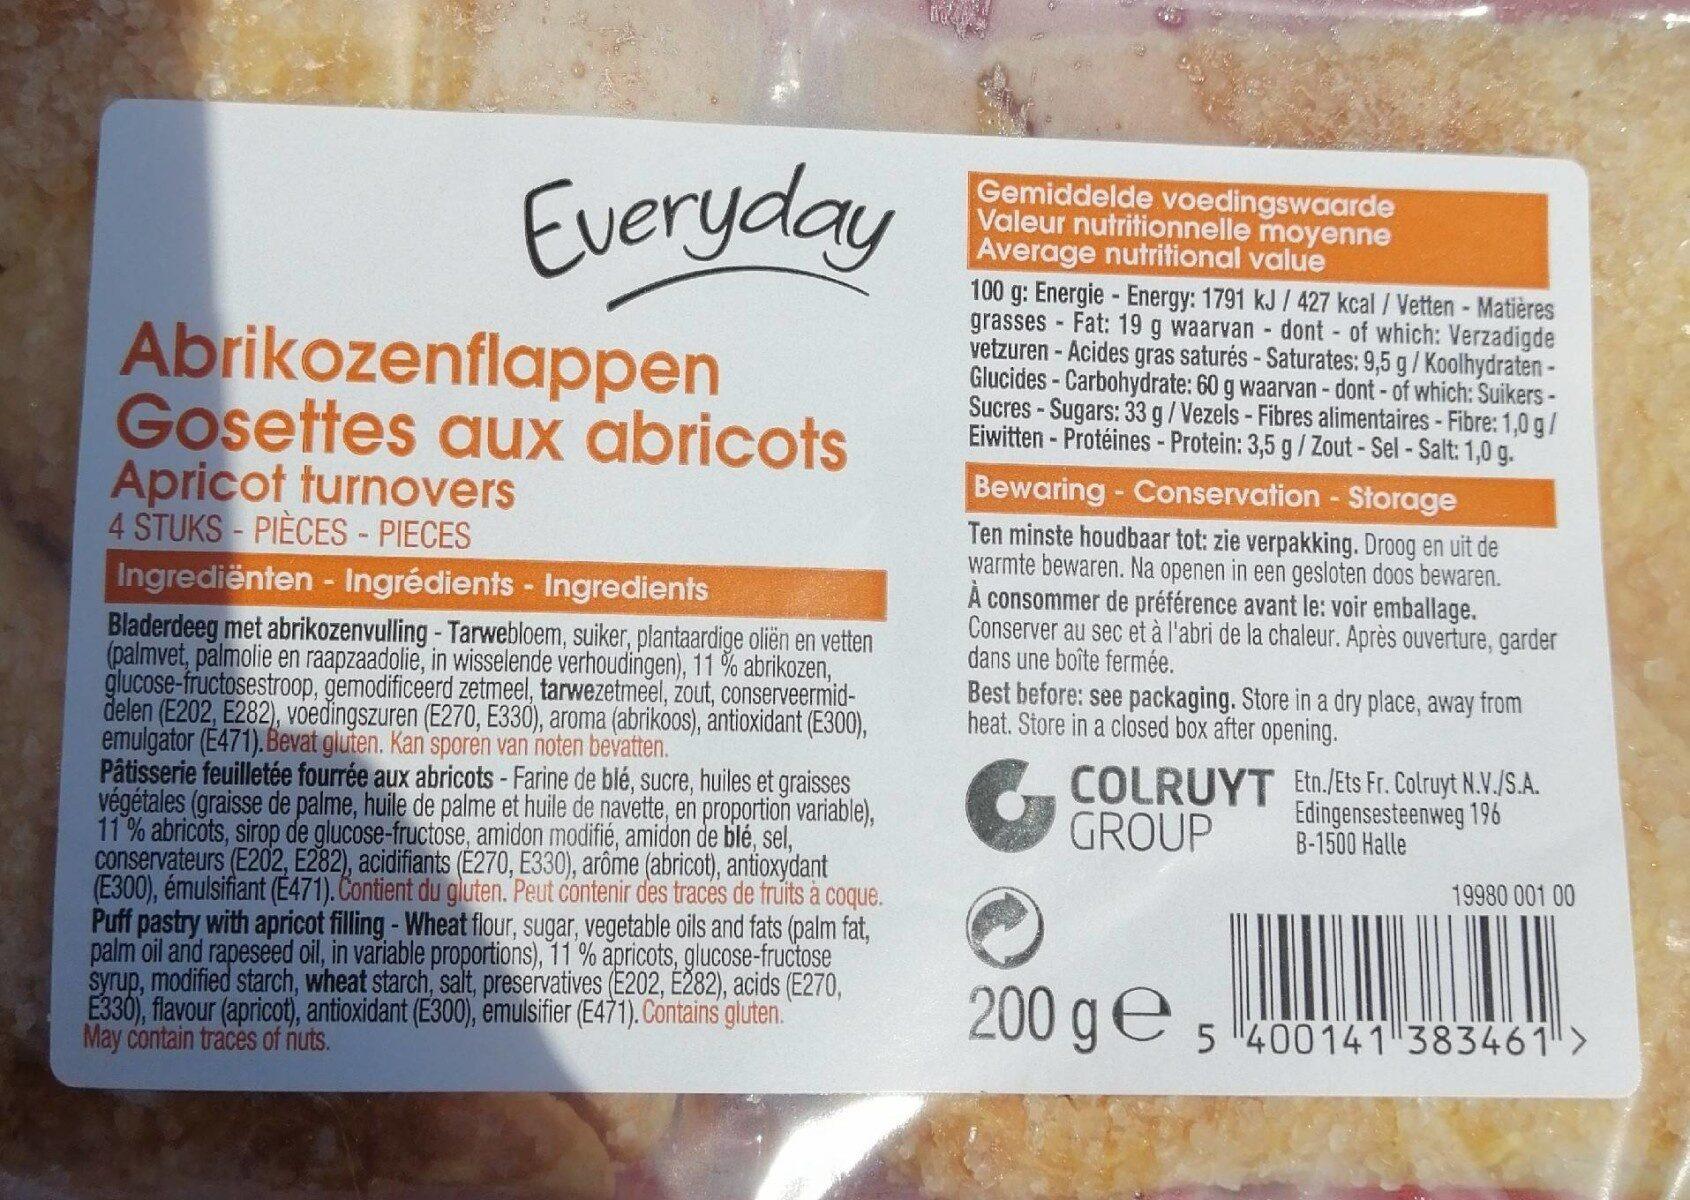 Gosettes aux abricots - Product - fr